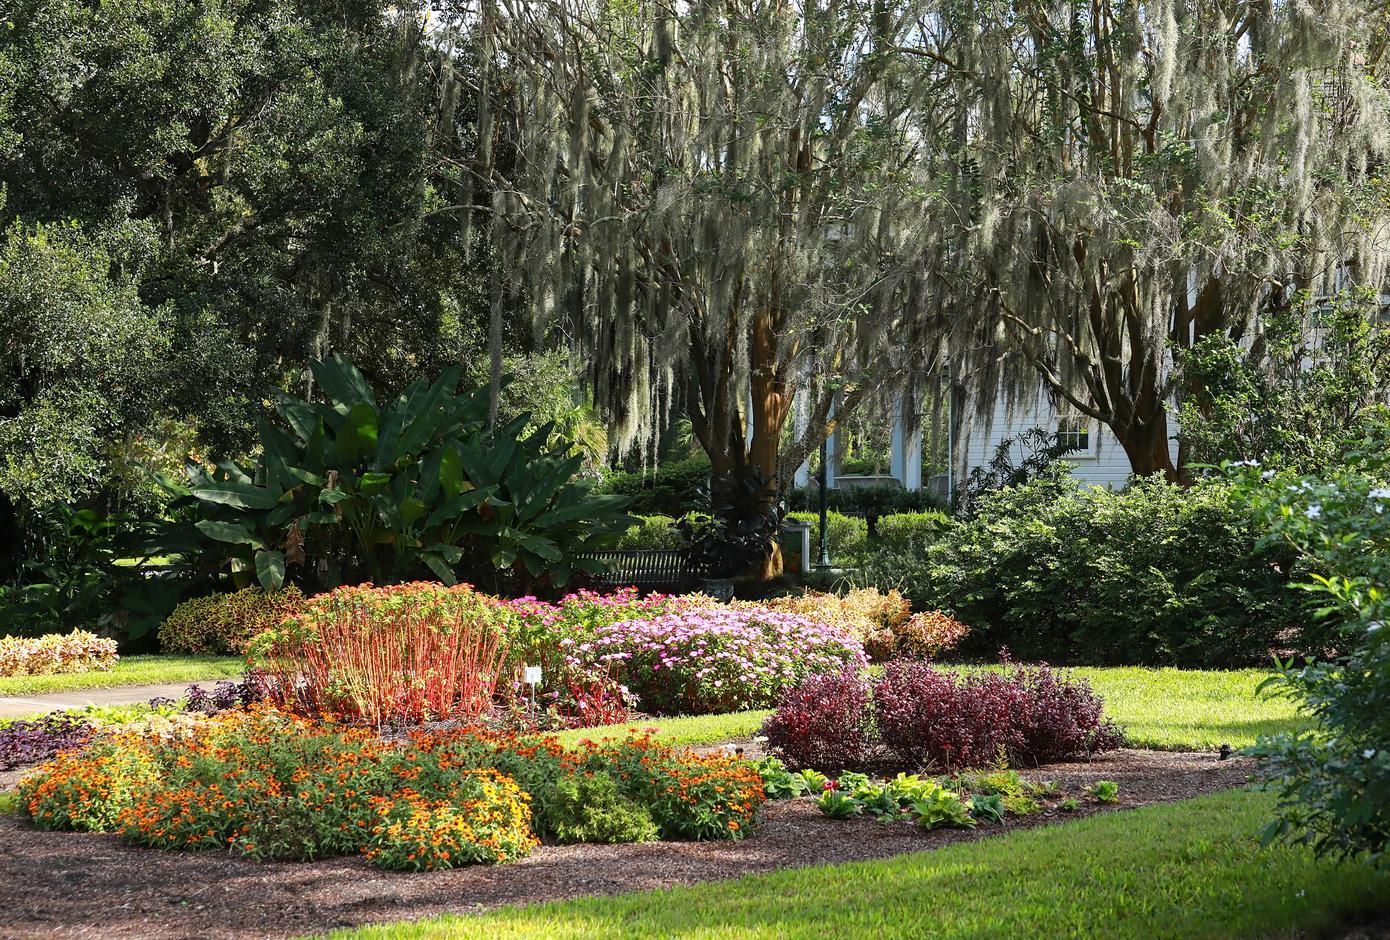 The Harry P. Leu Gardens, in Orlando, Florida.